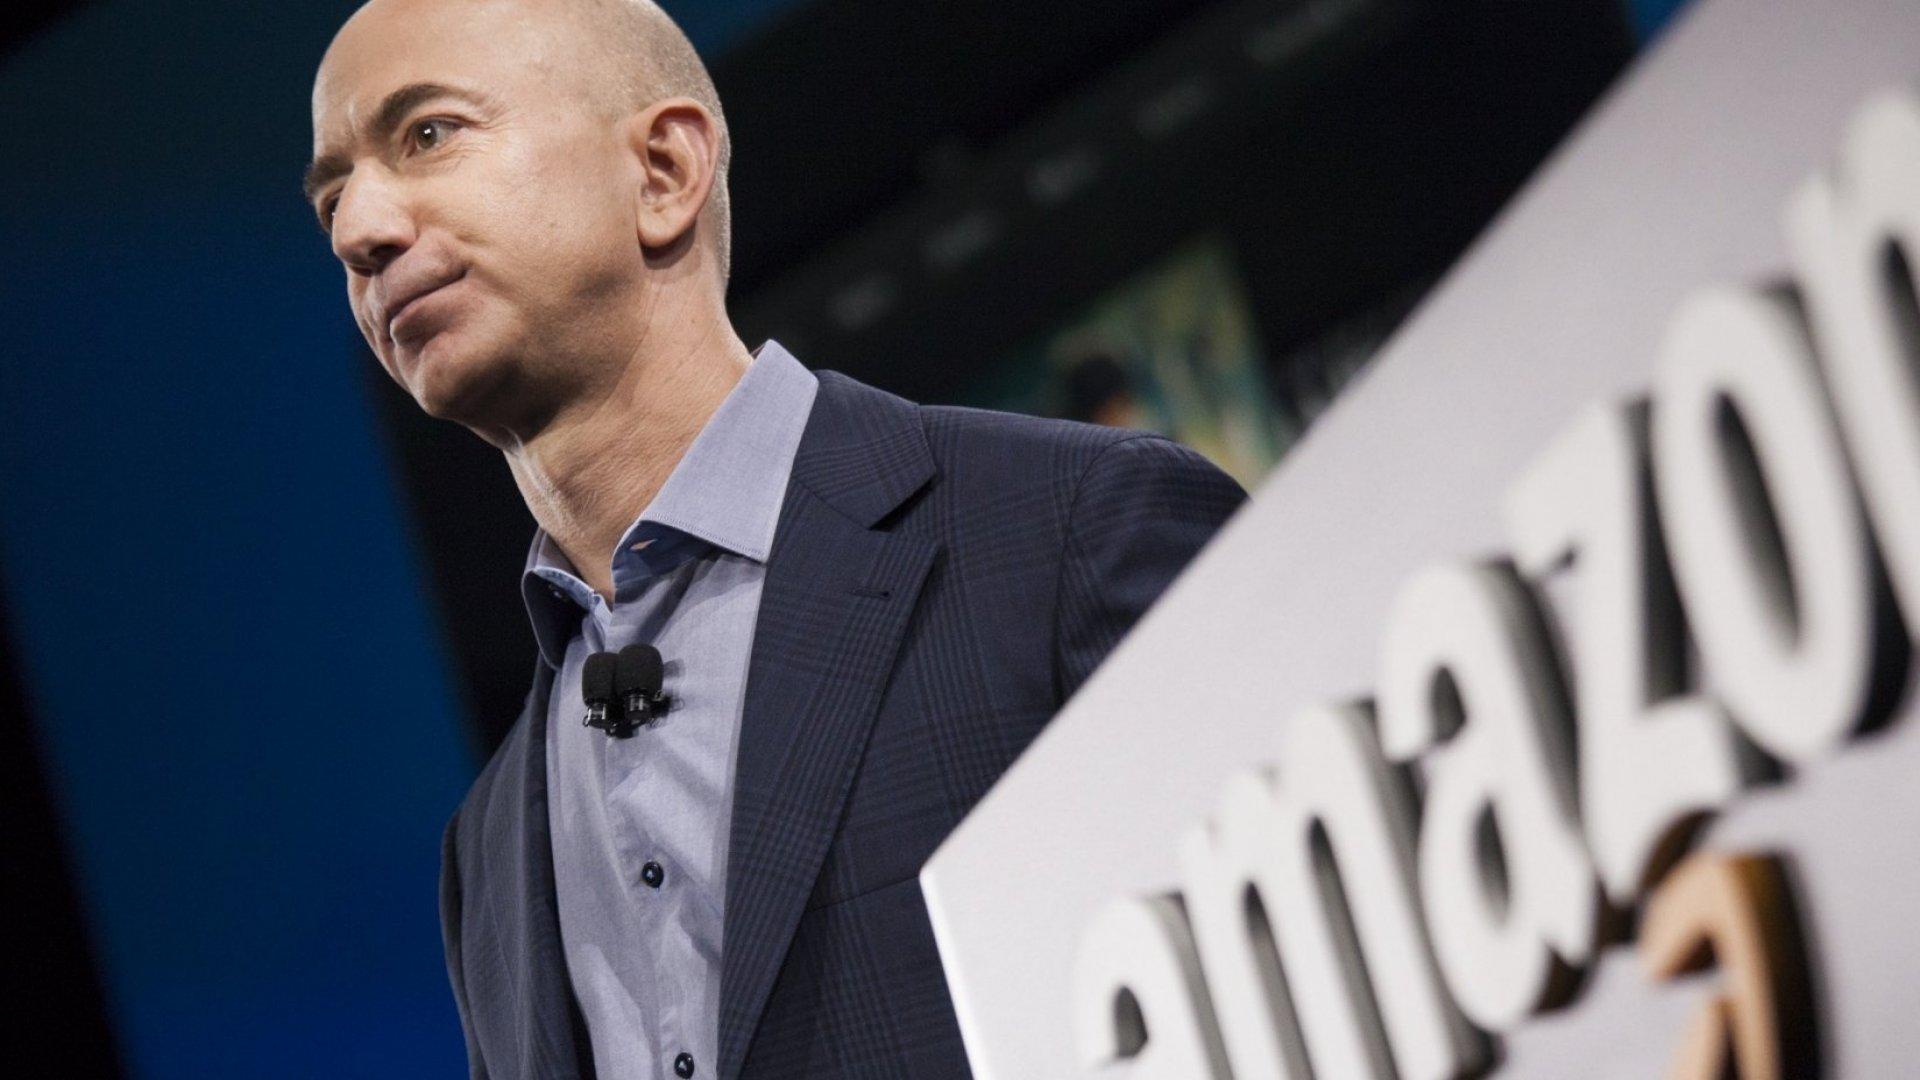 Amazon.com founder and CEO Jeff Bezos.